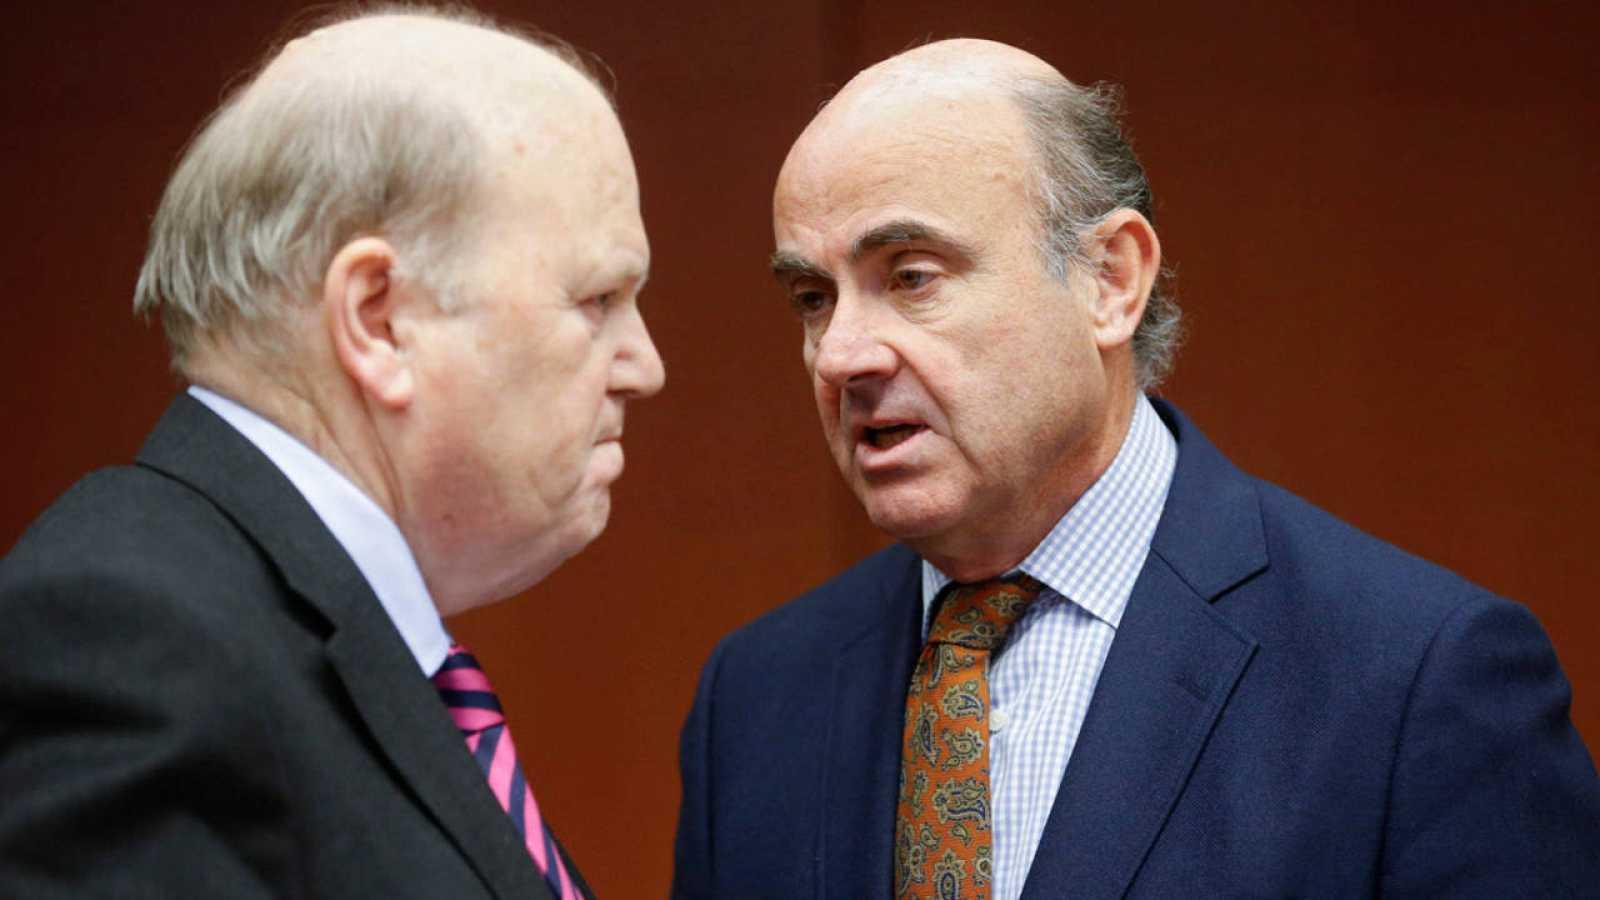 El ministro de Finanzas de Irlanda, Michael Noonan, conversa con el ministro de Economía de España, Luis de Guindos, durante la reunión del Eurogrupo